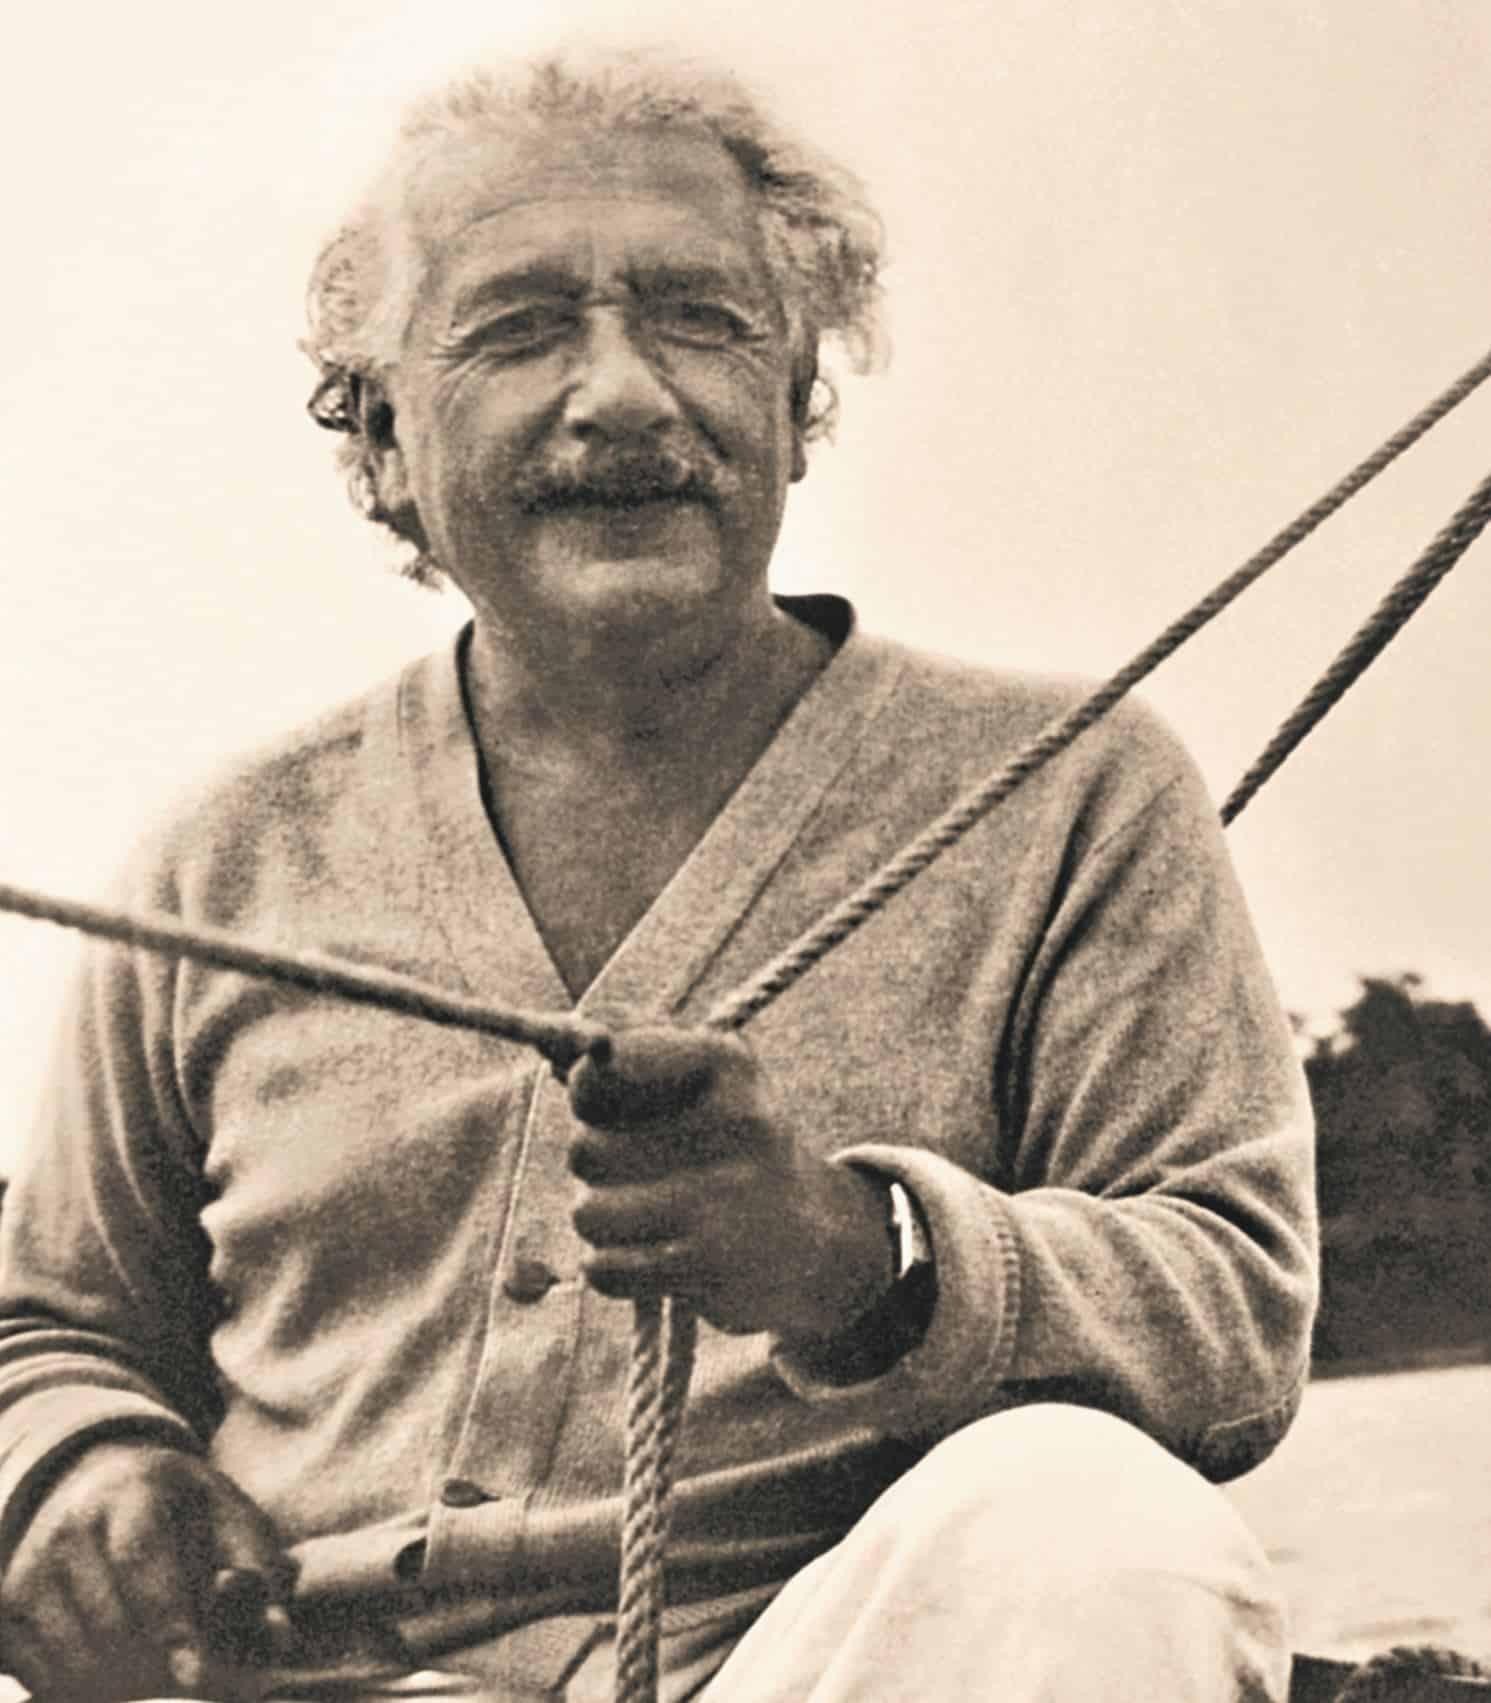 Albert Einstein bei einer seiner Lieblingsbeschäftigungen - dem Segeln. Gut zu sehen ist seine Longines Armbanduhr